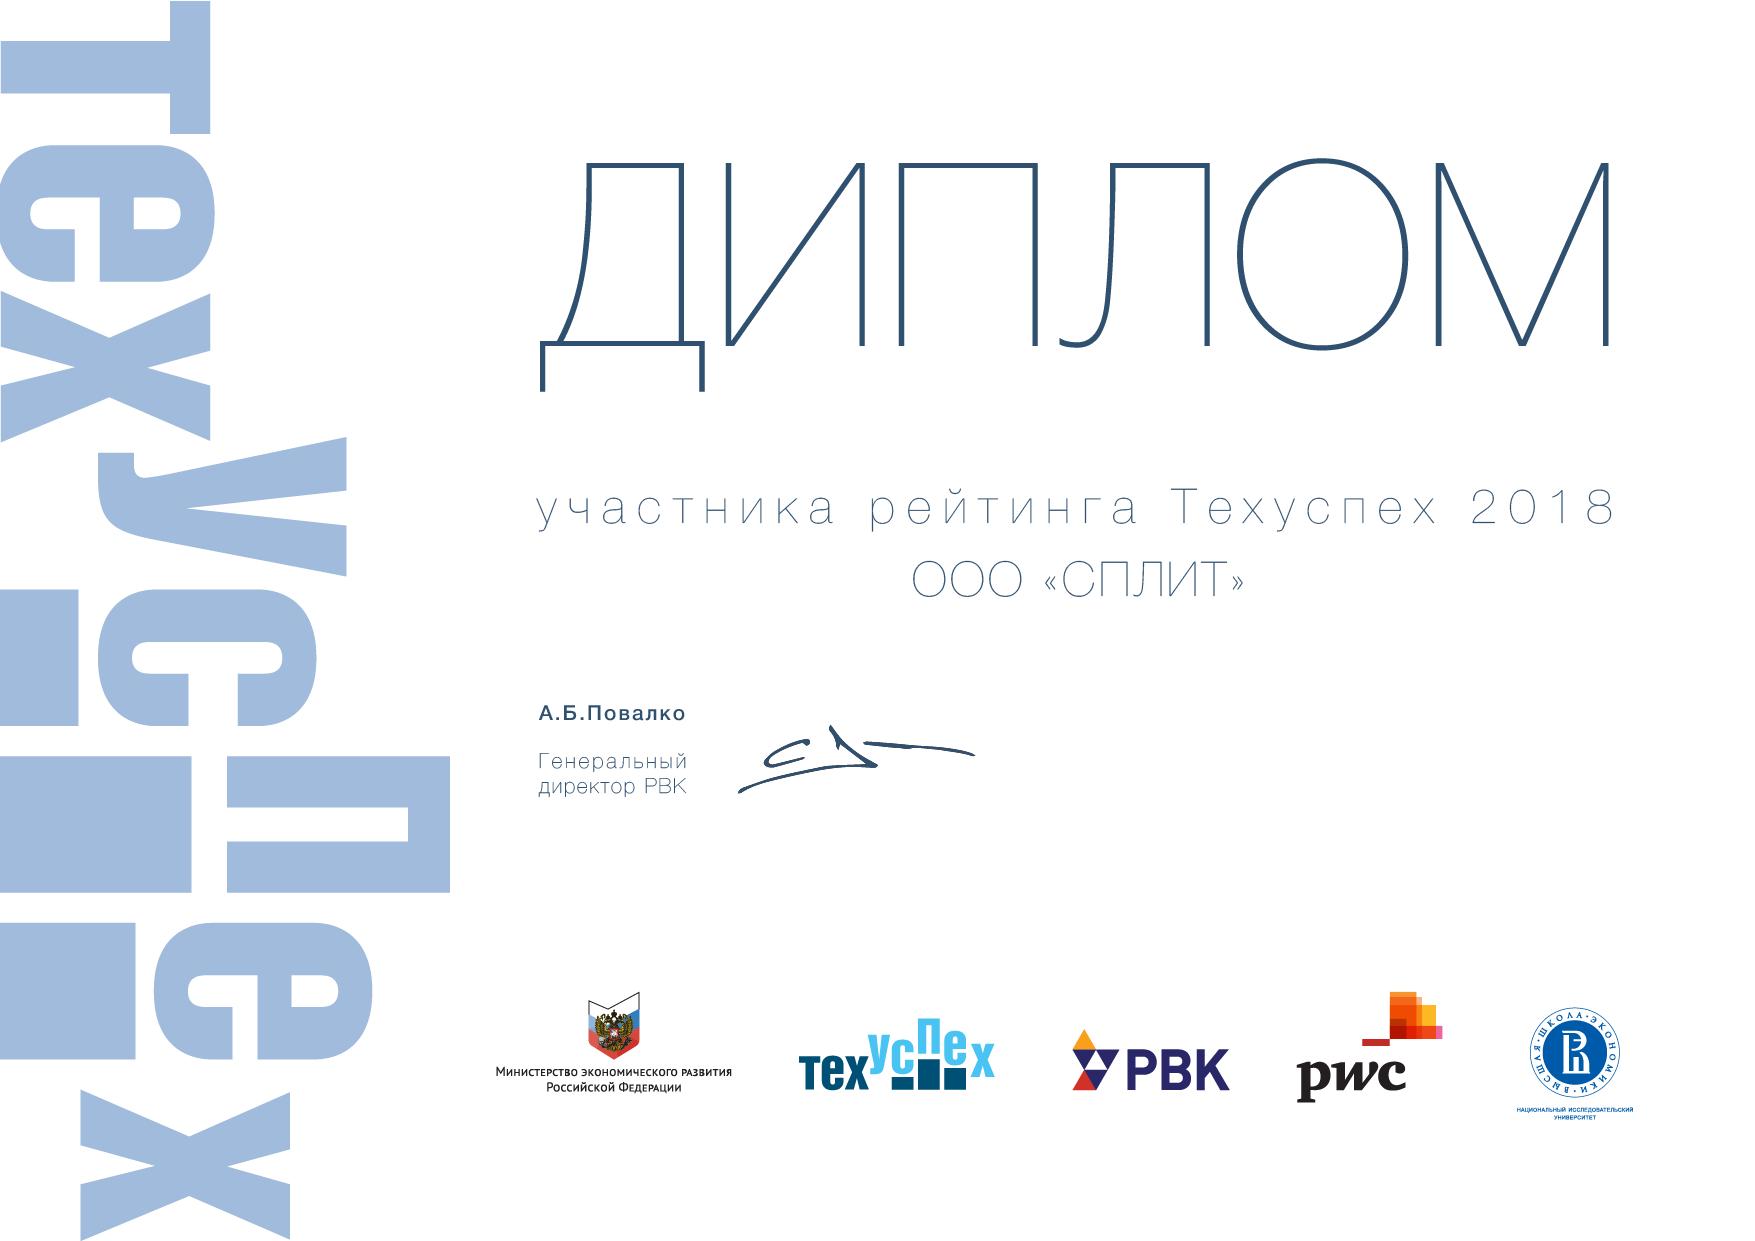 Компания СПЛИТ в ТОП-15 рейтинга ТехУспех 2018